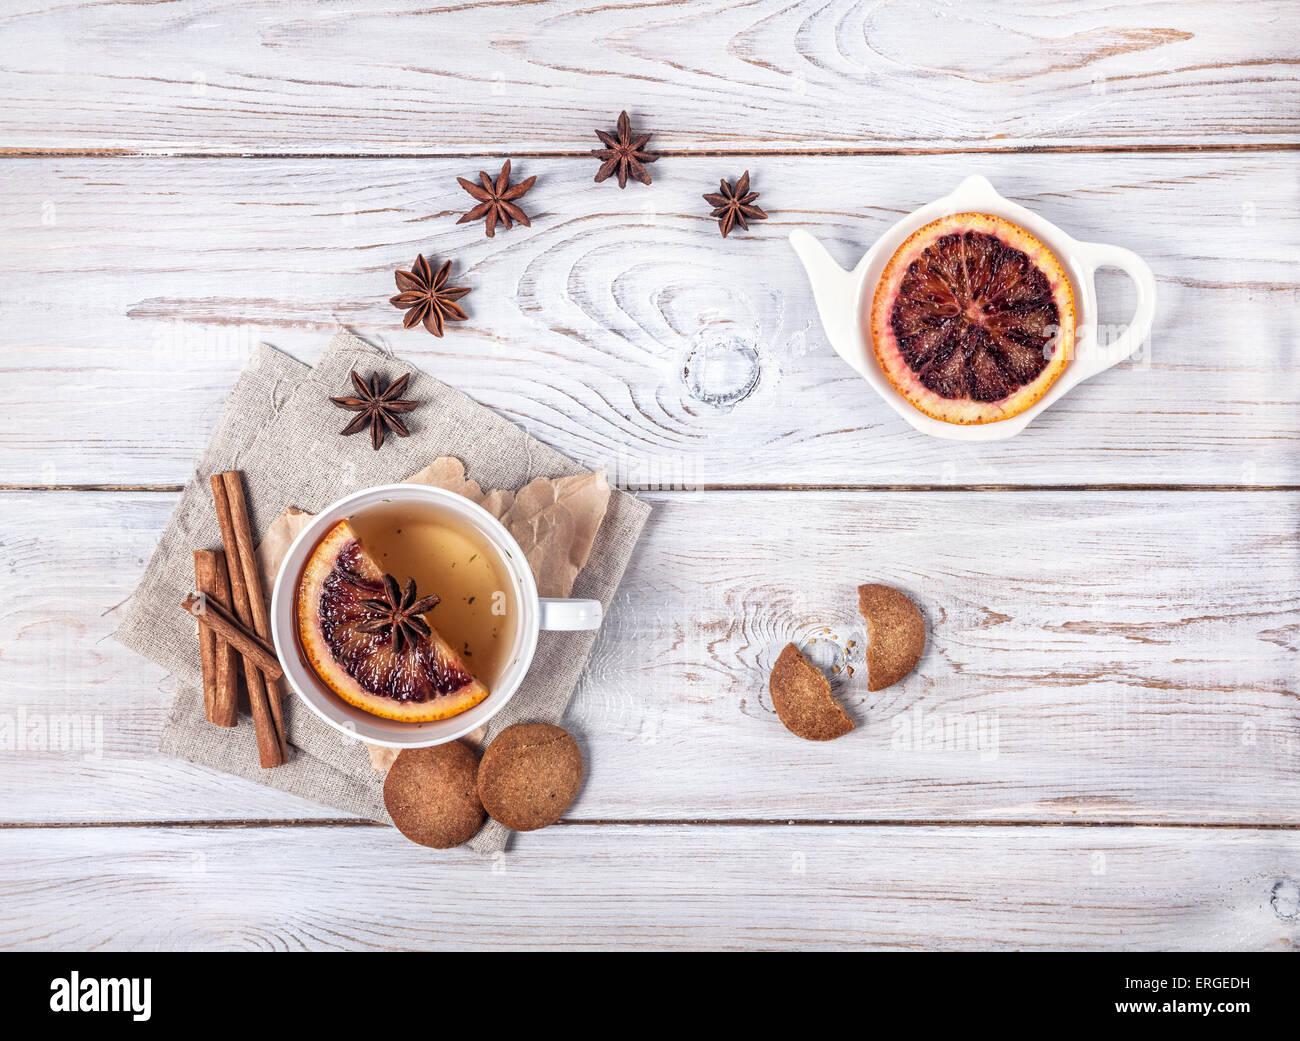 Marokkanischer Tee mit Gewürzen und Orangenscheibe auf dem weißen Hintergrund Holz Stockbild